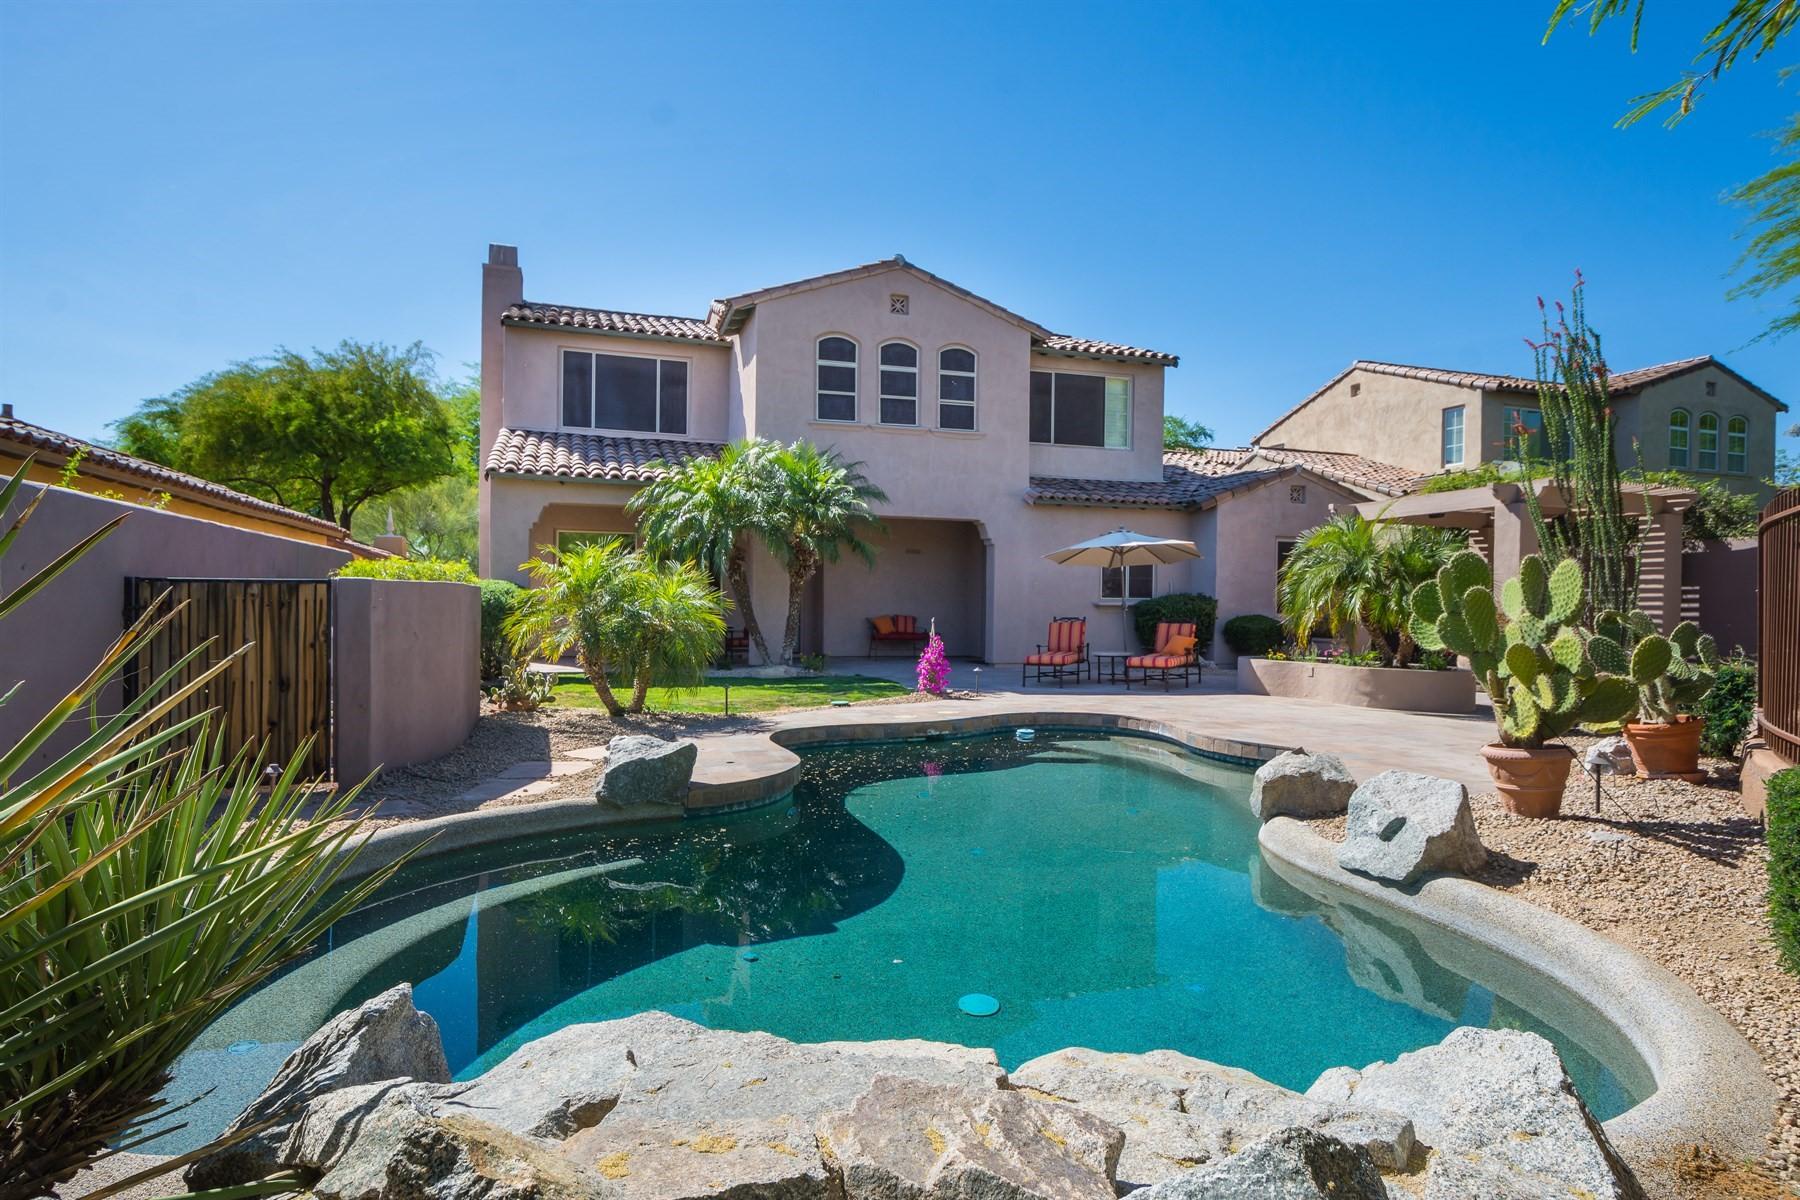 Casa Unifamiliar por un Venta en Popular Cordellina model in DC Ranch 9318 E Flathorn Dr Scottsdale, Arizona, 85255 Estados Unidos